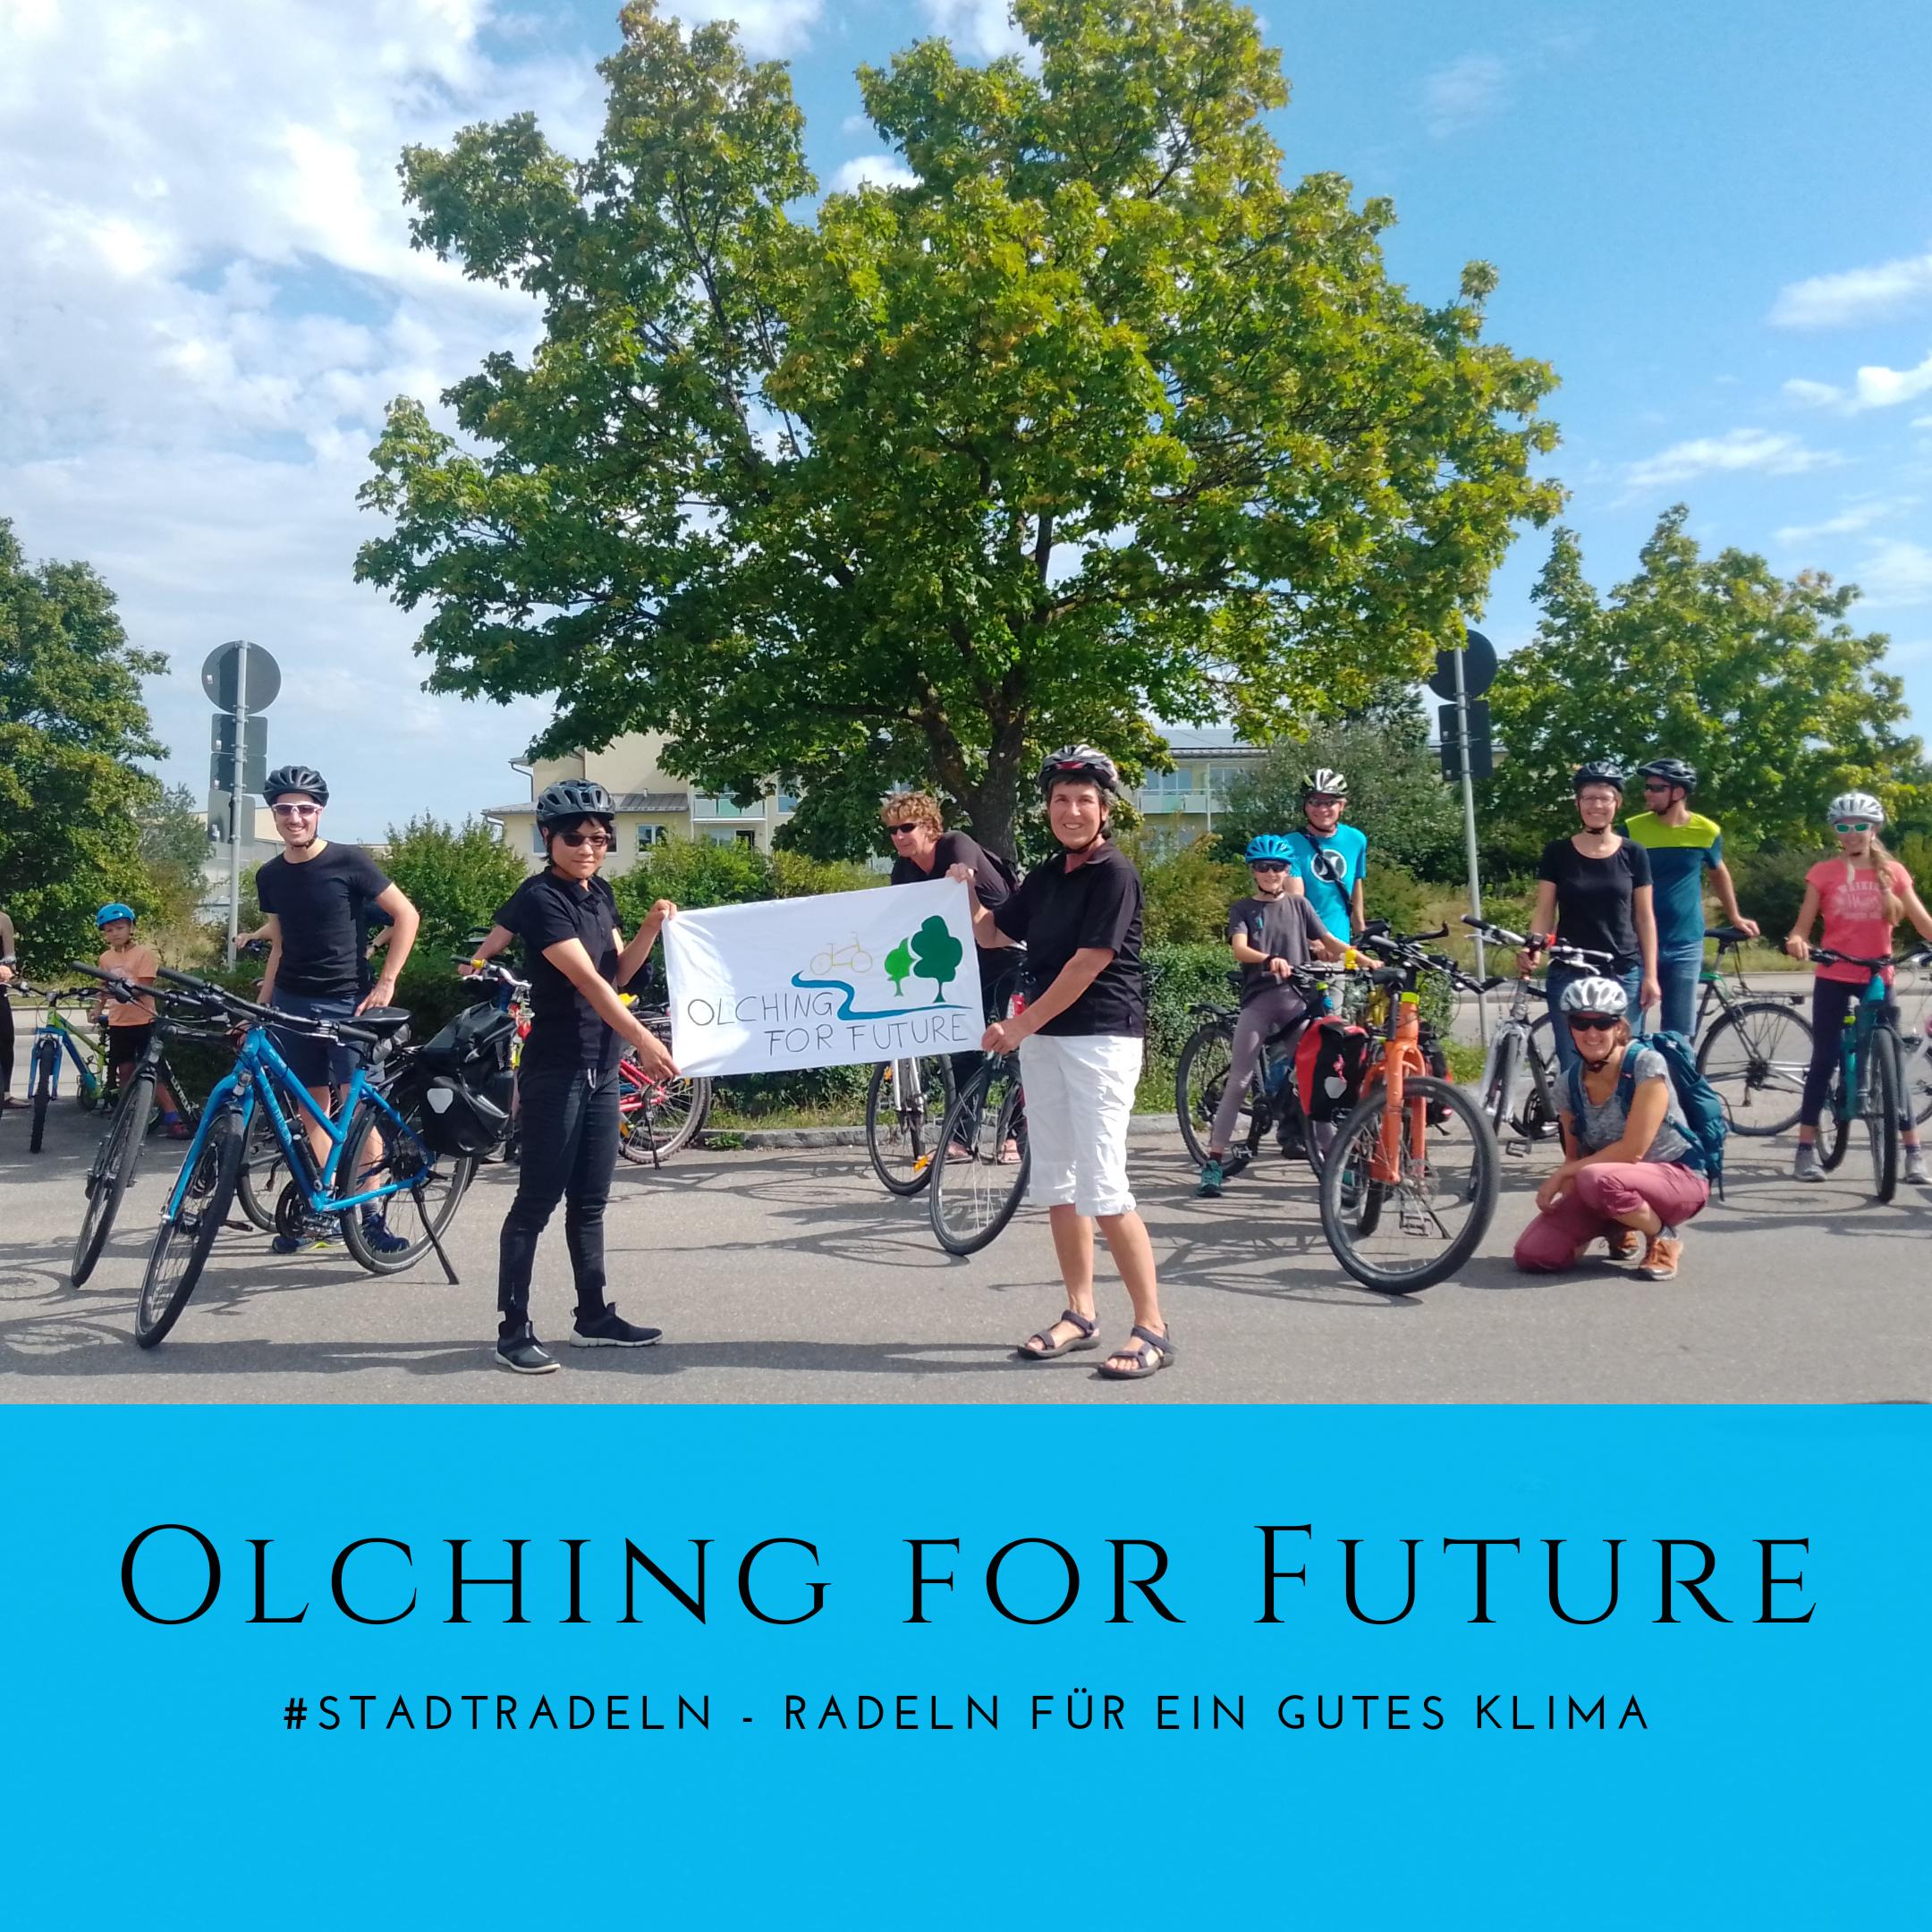 Olching for Future macht beim Stadtradeln mit